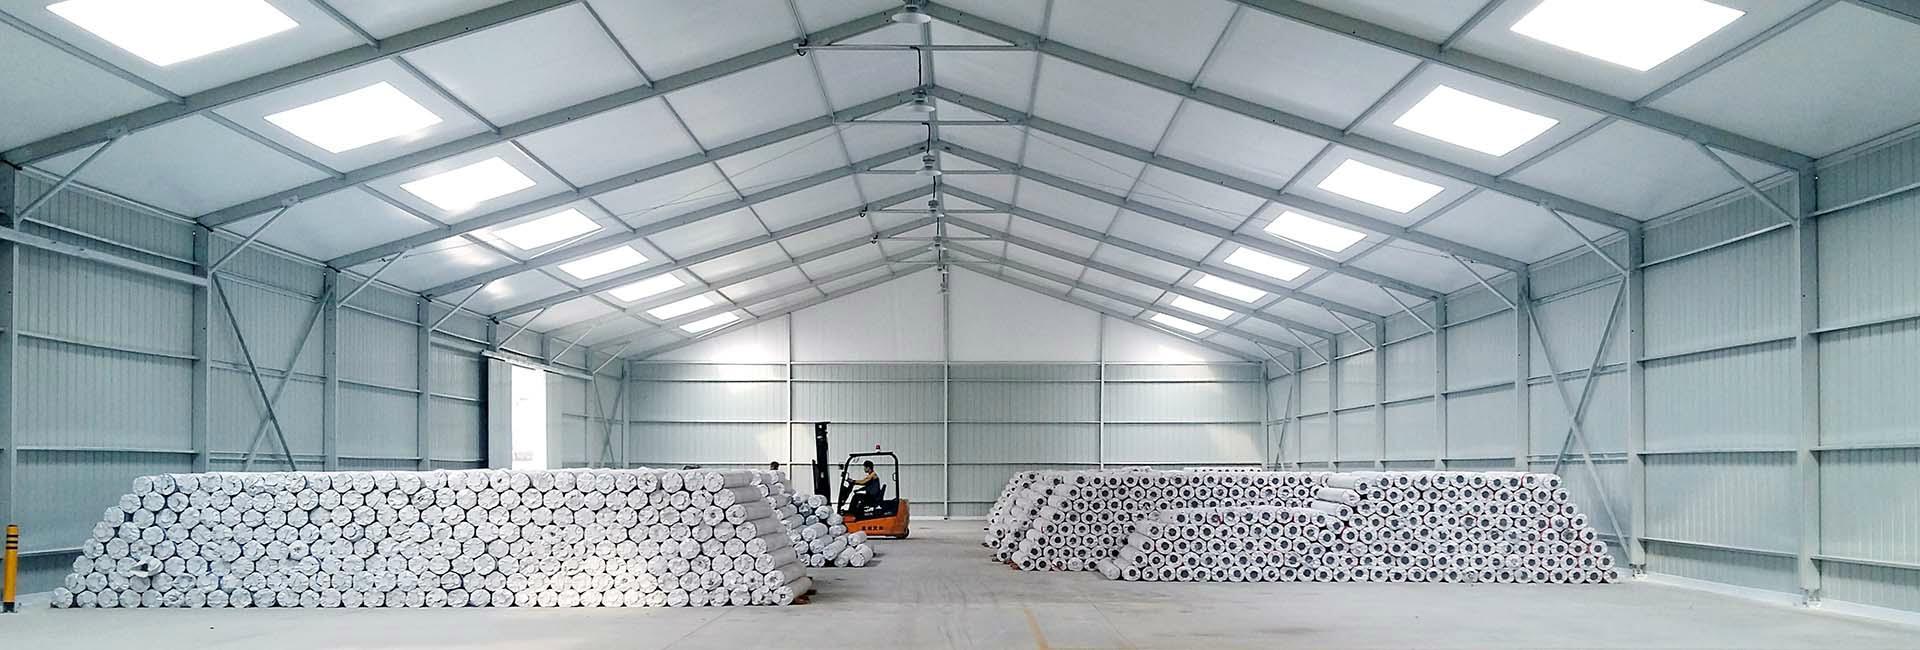 中国好的大型医院专用篷房 Party Tent 工业仓储帐篷 3